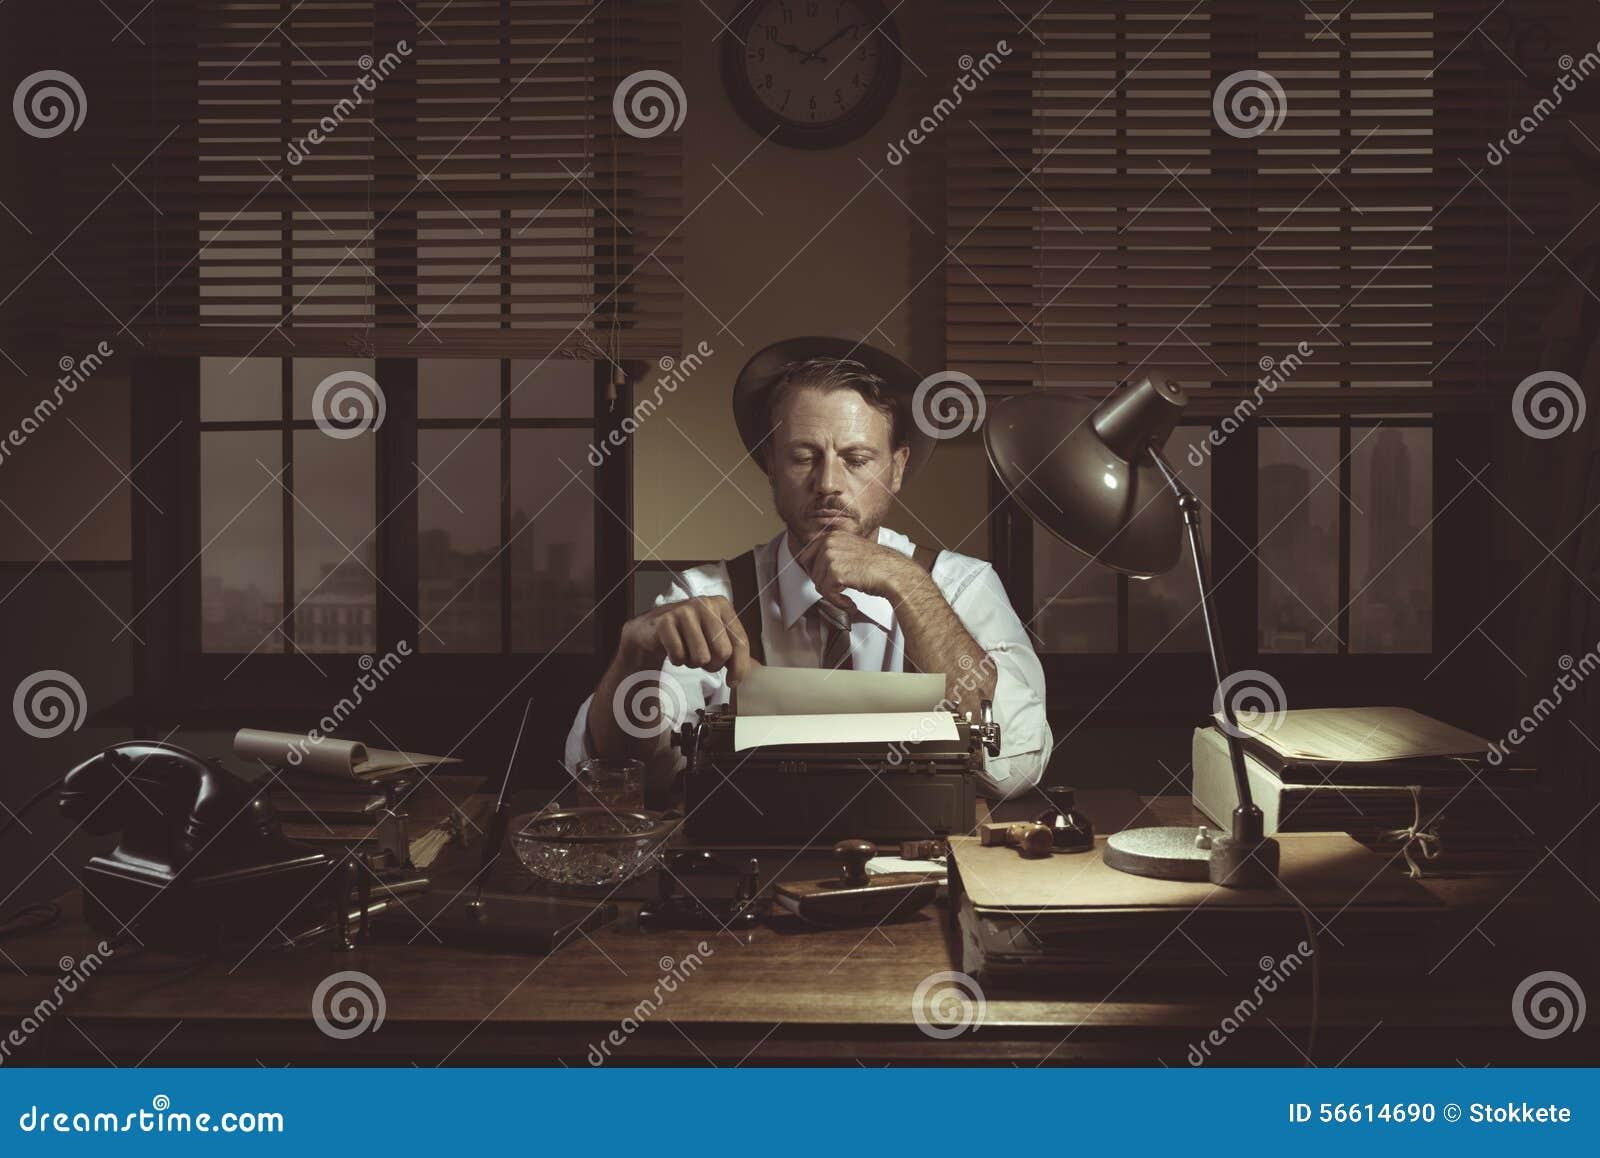 Journalista dos anos 50 em seu escritório tarde na noite